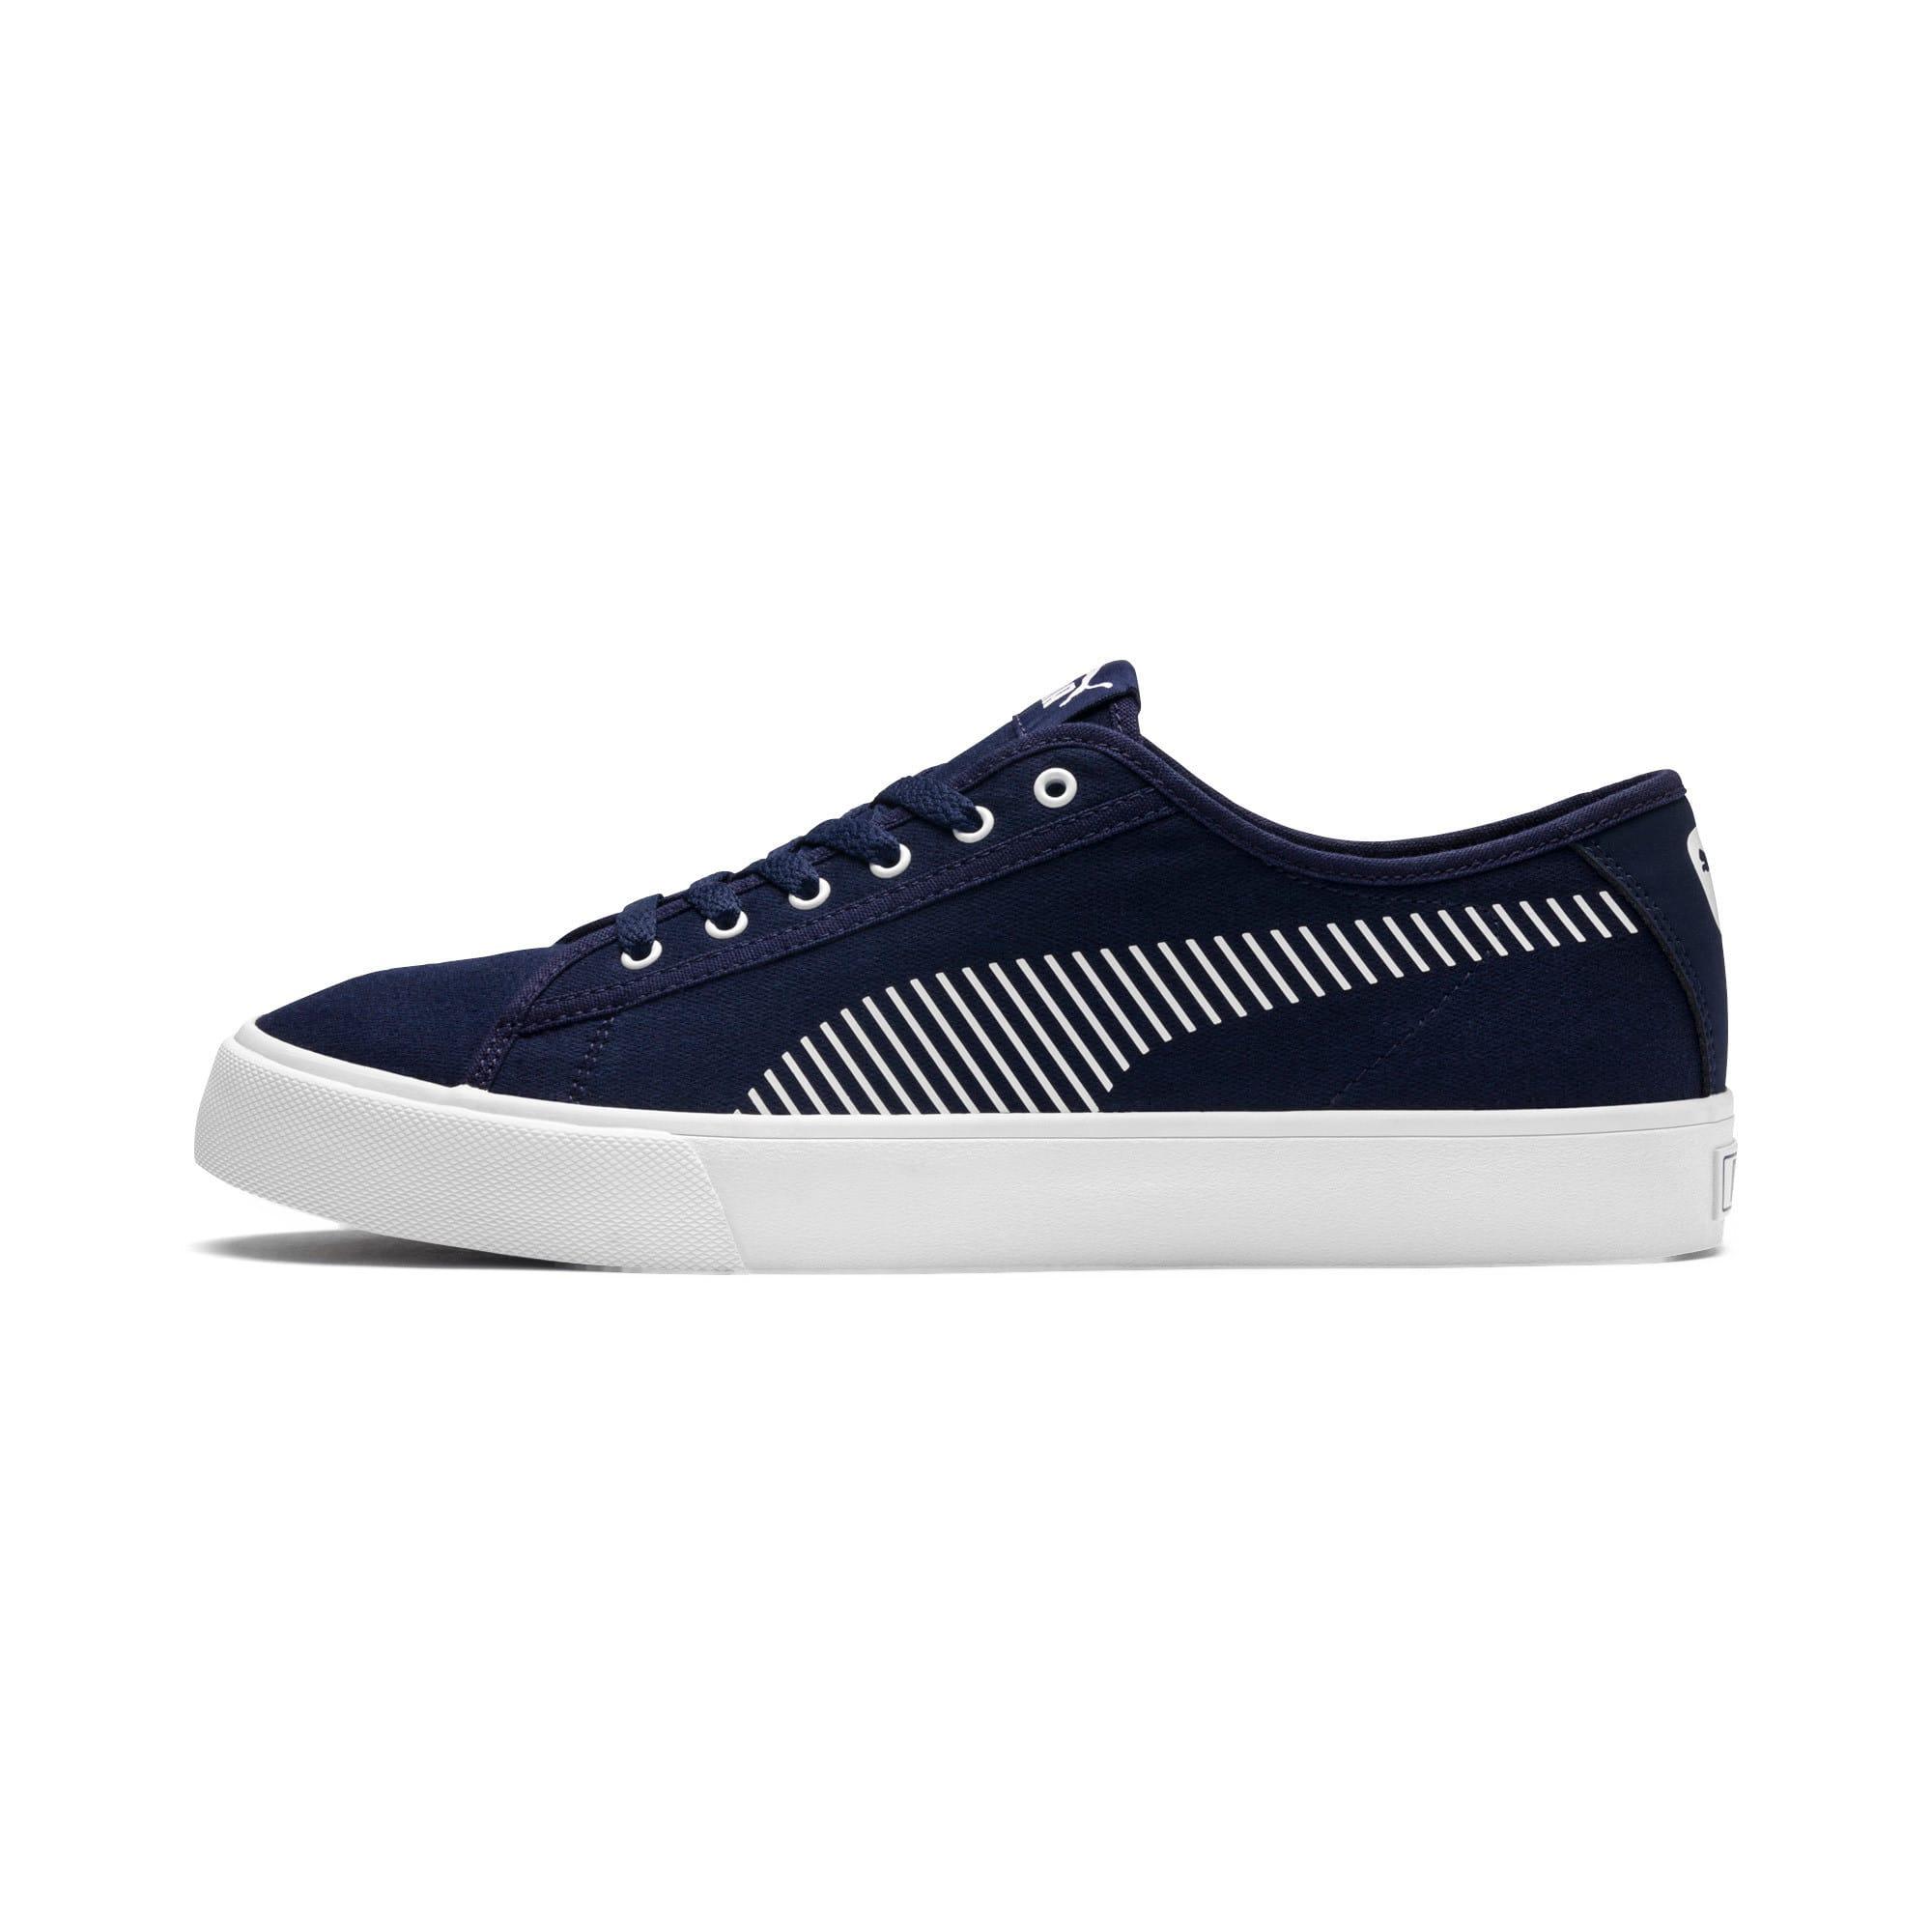 Thumbnail 1 of Bari Sneakers, Peacoat-Puma White, medium